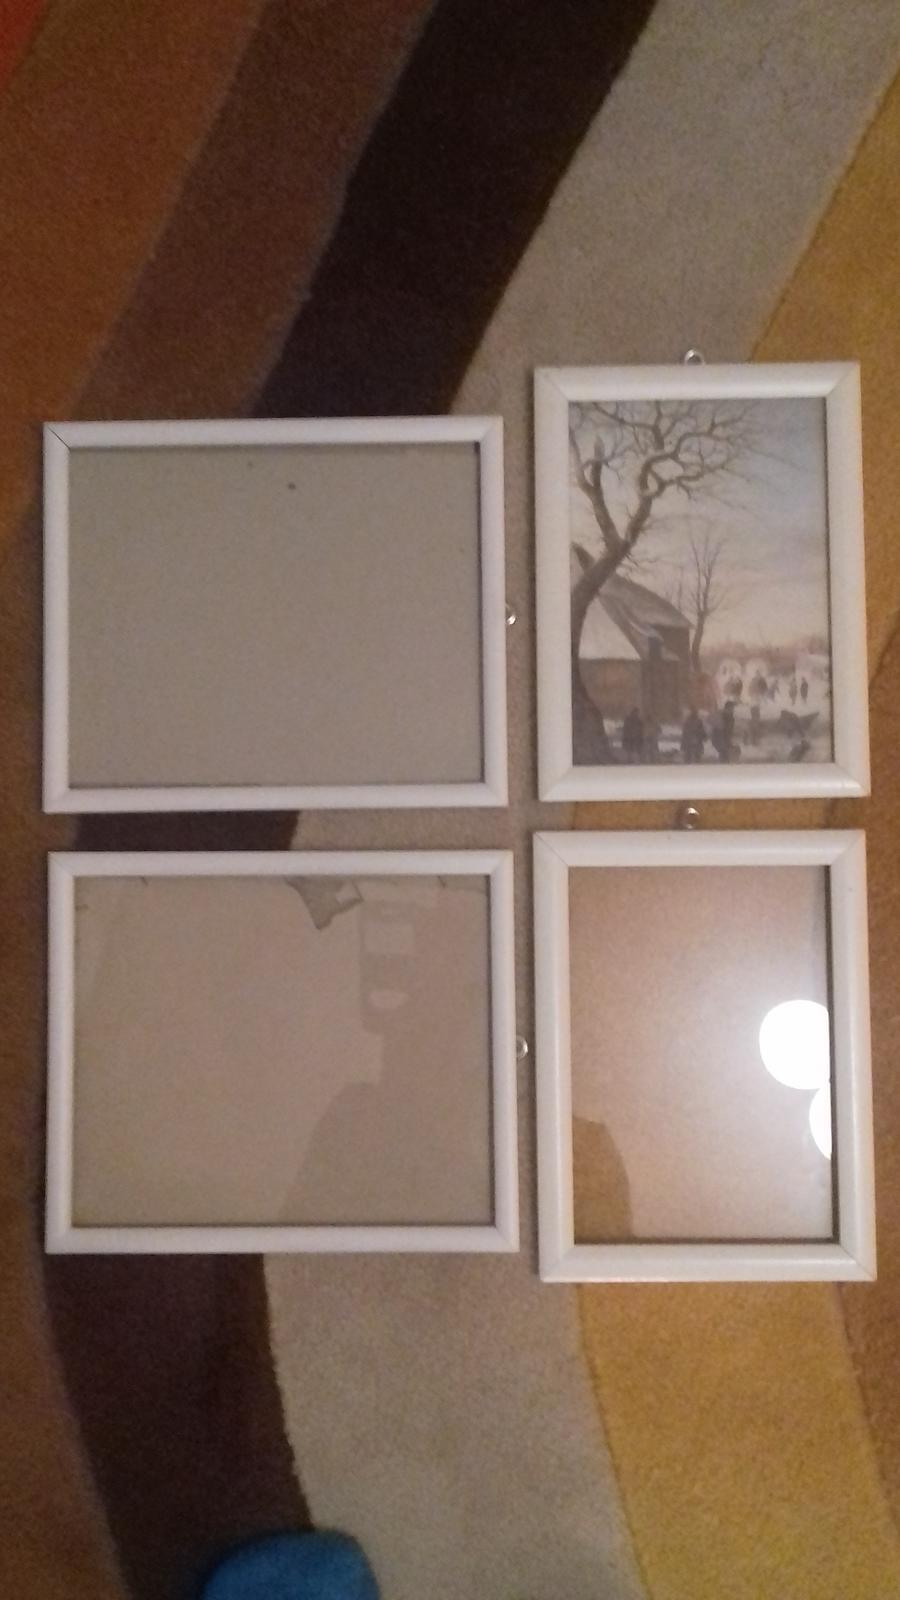 Biele drevene ramiky - Obrázok č. 1